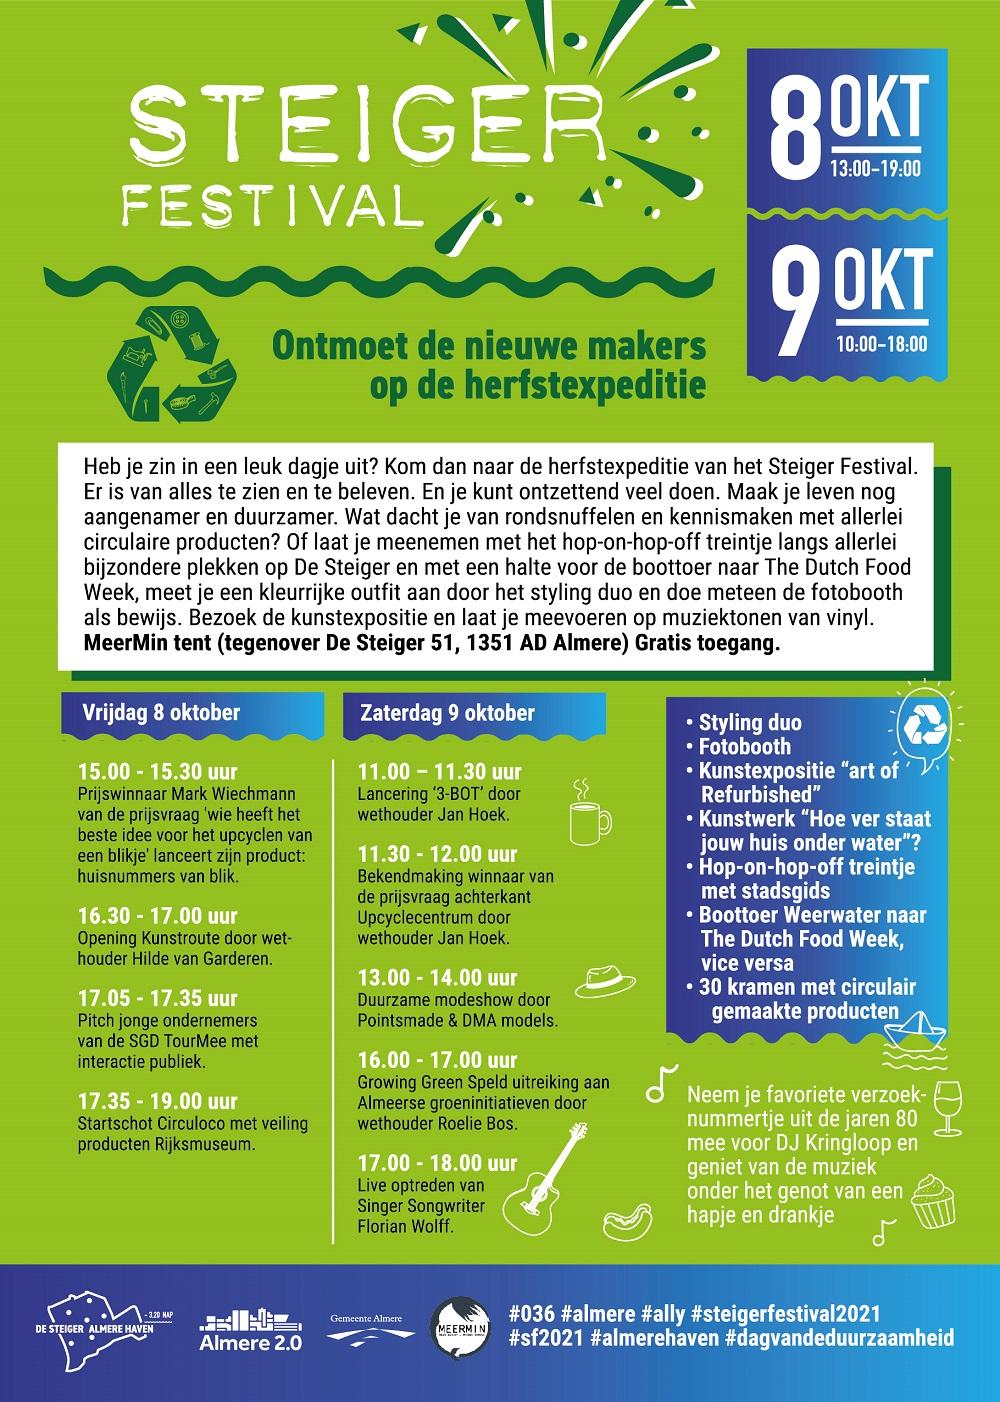 Steiger Festival I